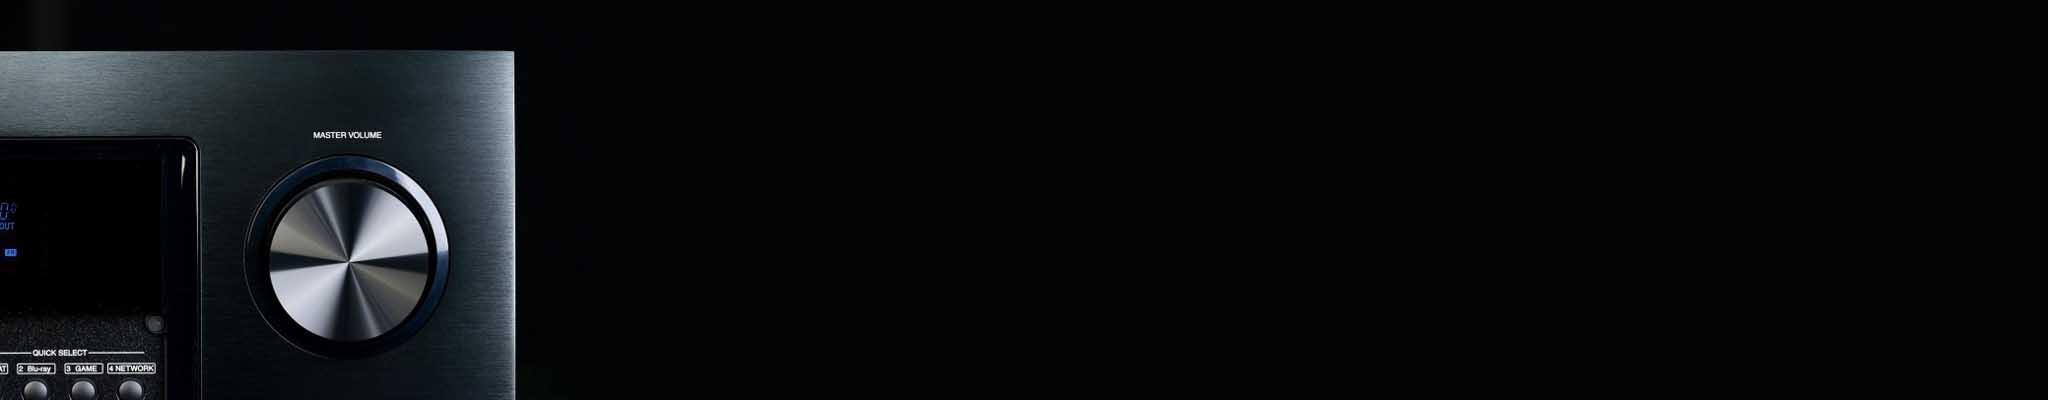 Denon-AVR-4520_ImageBanner_Volume